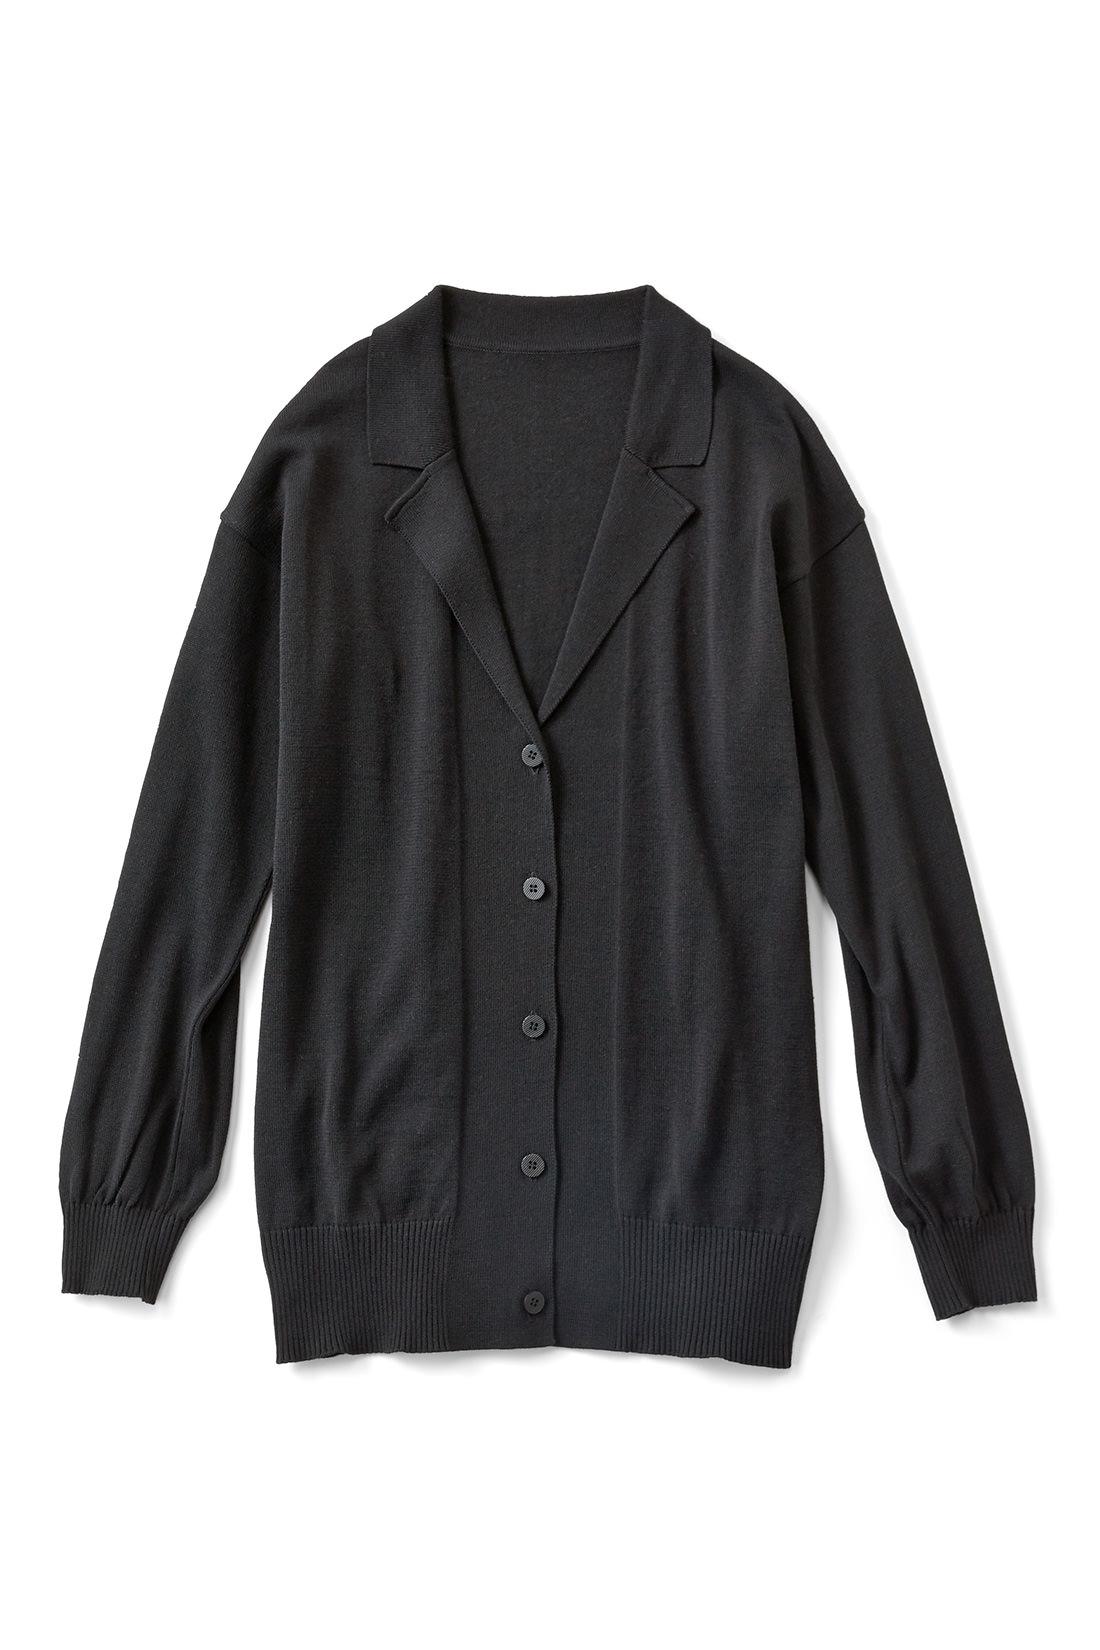 [ブラック]袖口やすそはリブ遣いですっきり。衿が付いているだけで、きちんと見えるから不思議です。